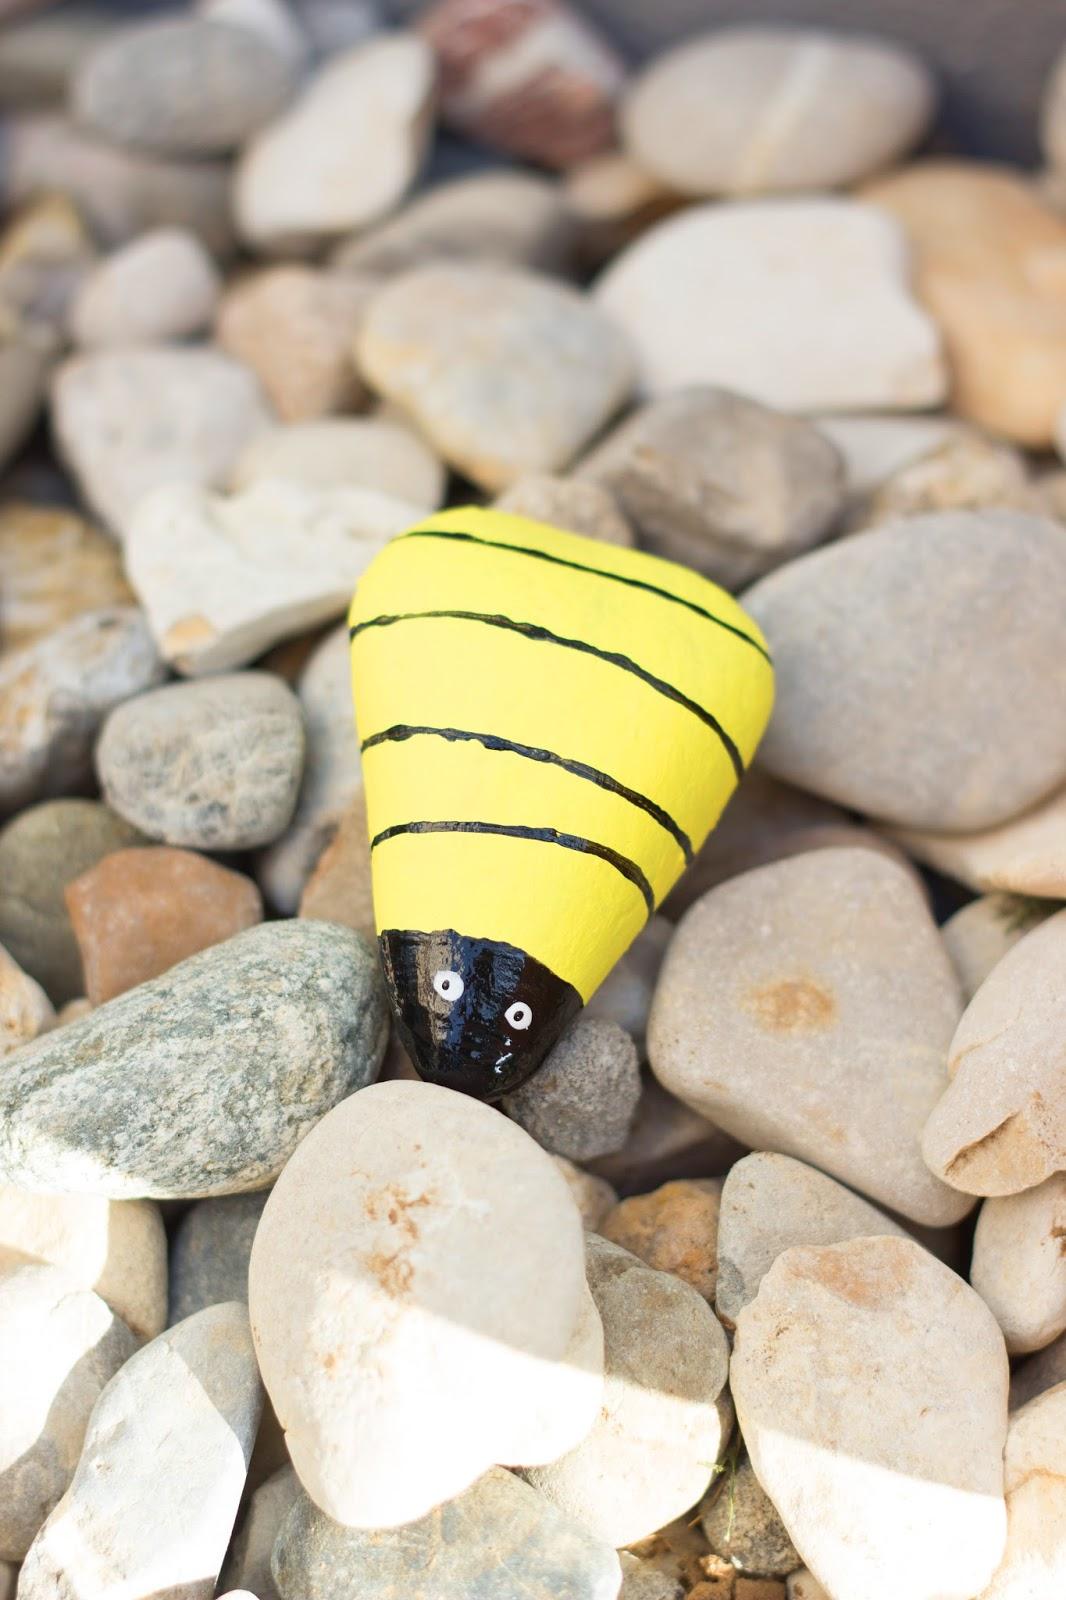 Hinguckerchen Insekten Diy Steine bemalen